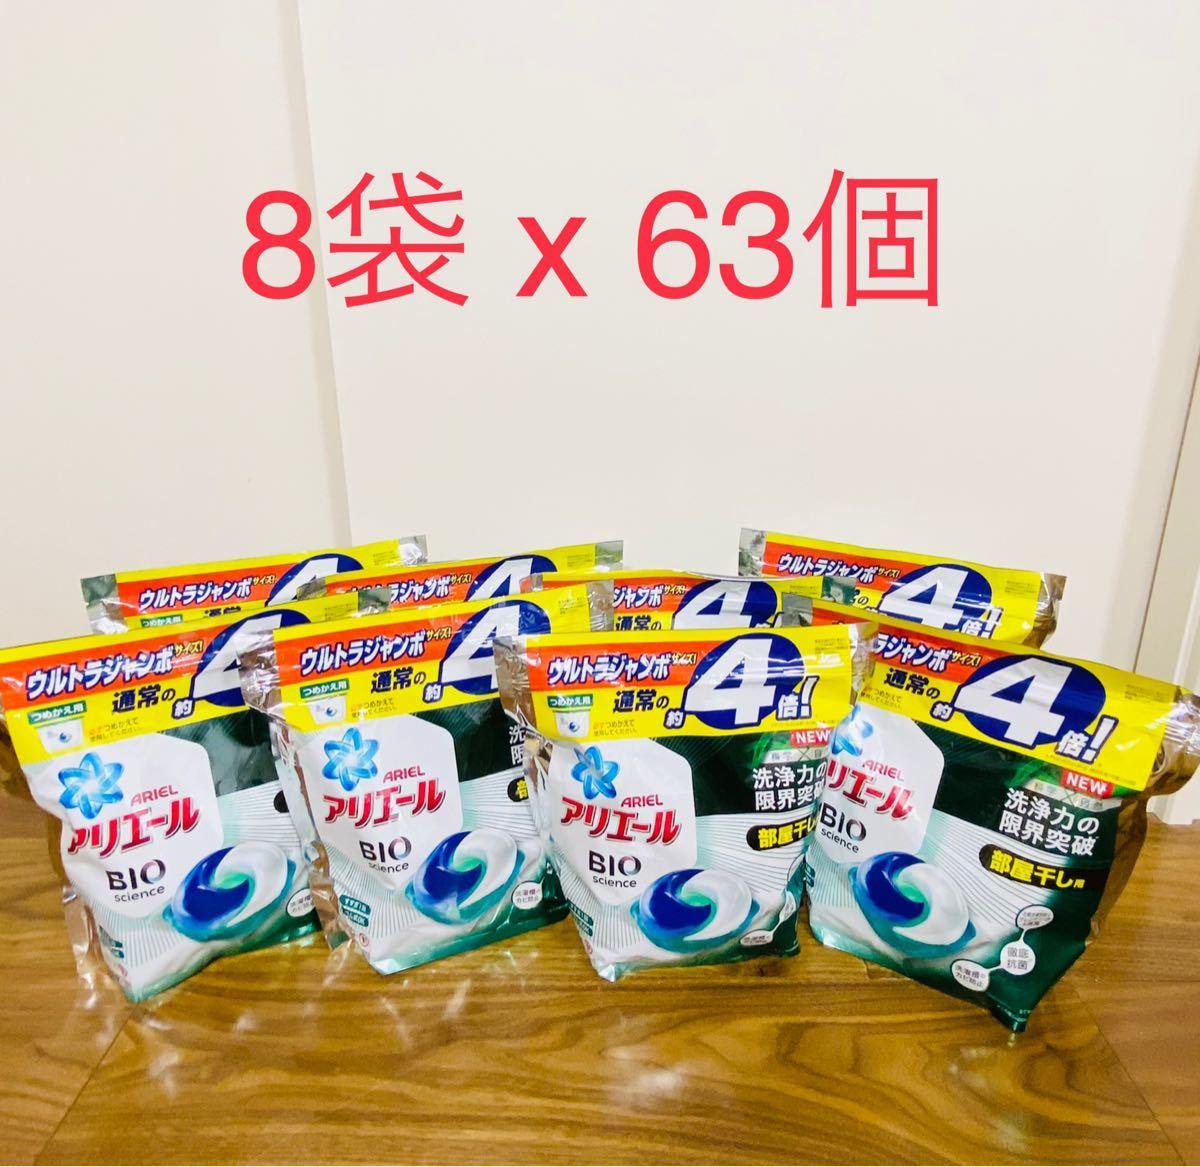 アリエールBIOジェルボール部屋干し用 つめかえ超ジャンボサイズ 洗濯洗剤(63個入*8袋セット)